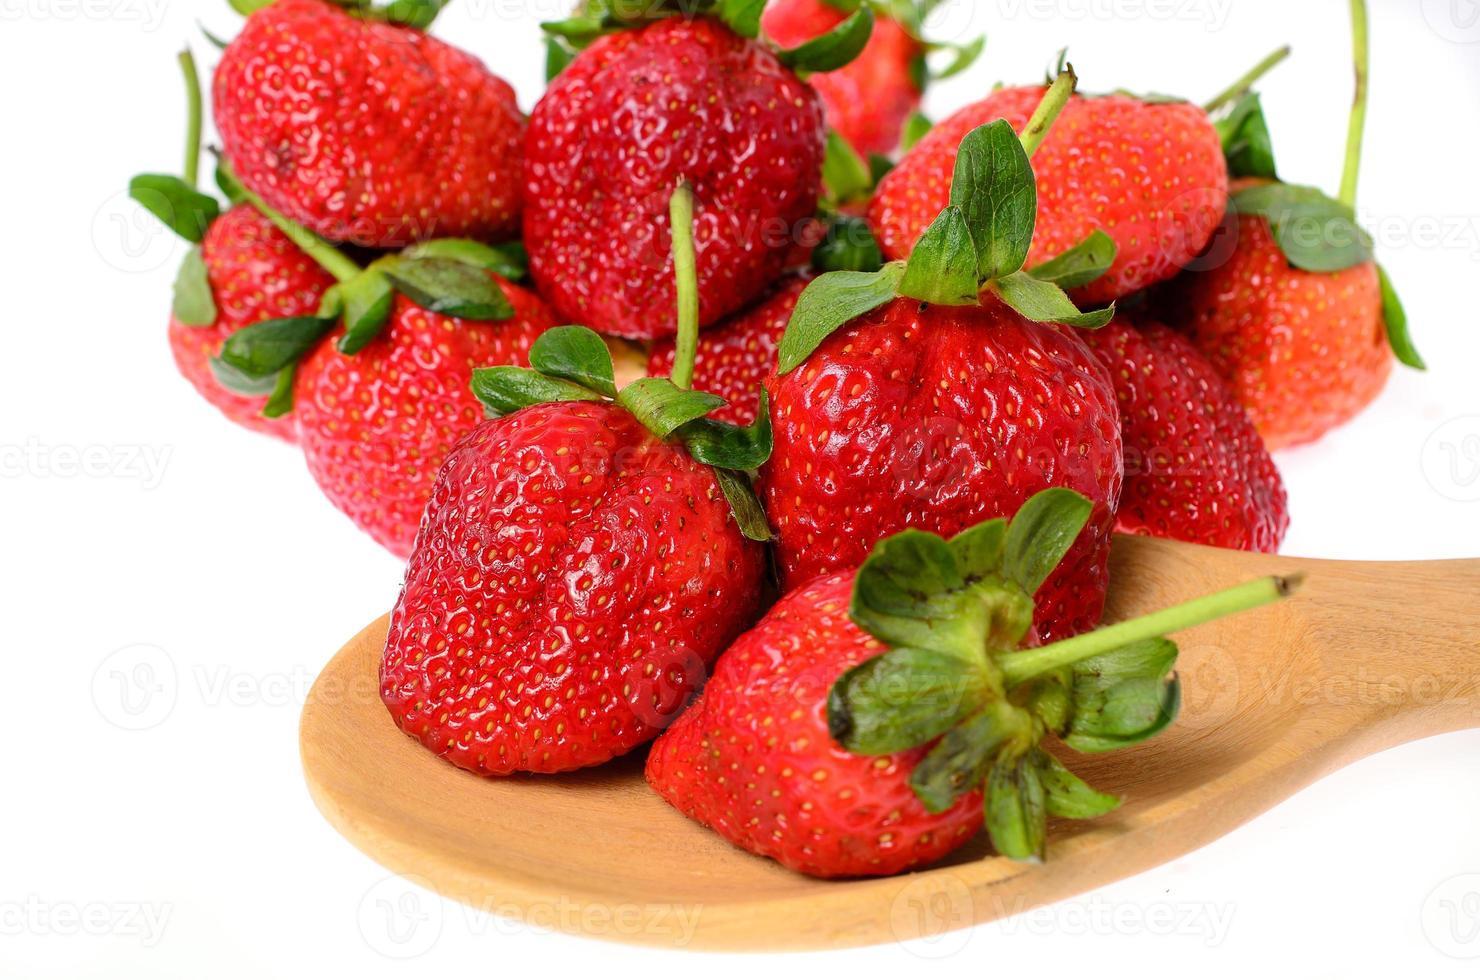 aardbeien op wodden lepel foto